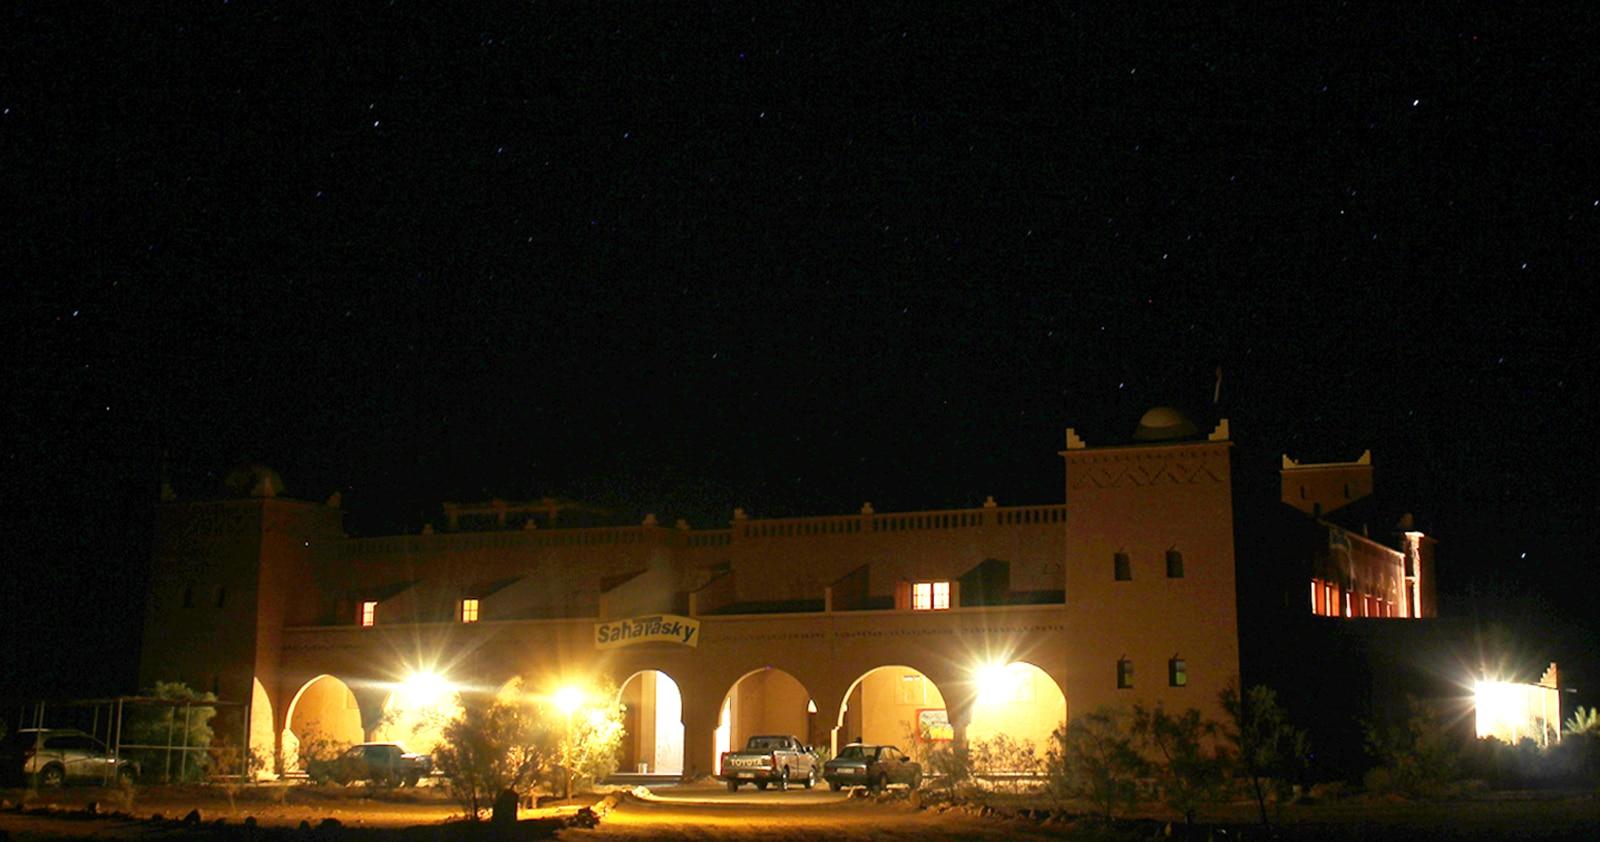 Sahara Sky, hotelul cu propriul observator astronomic